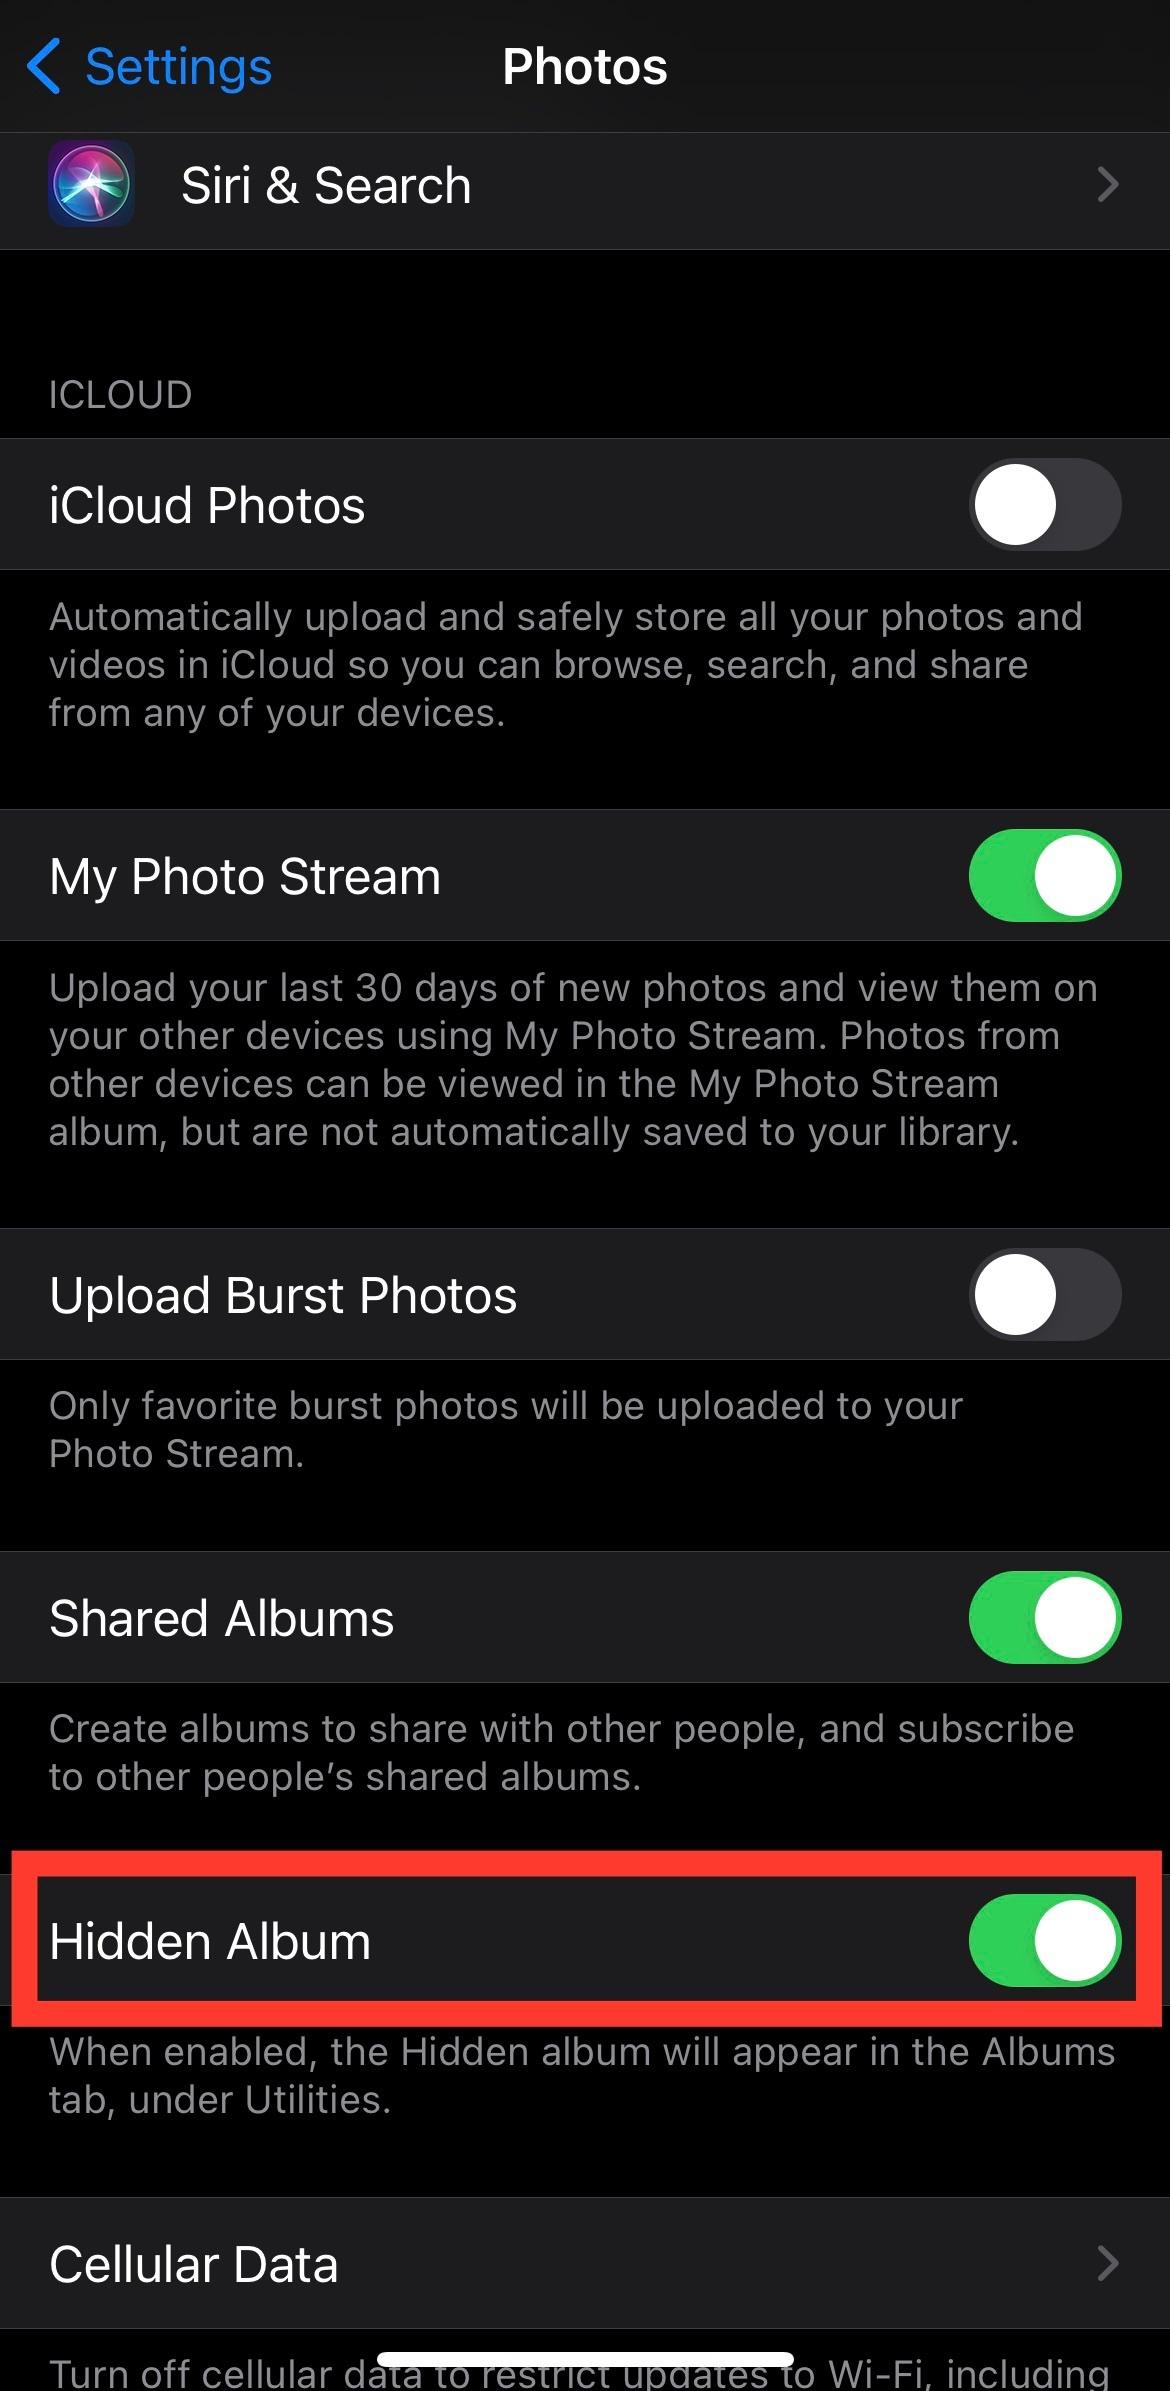 3. Cara Menyembunyikan Foto di iPhone